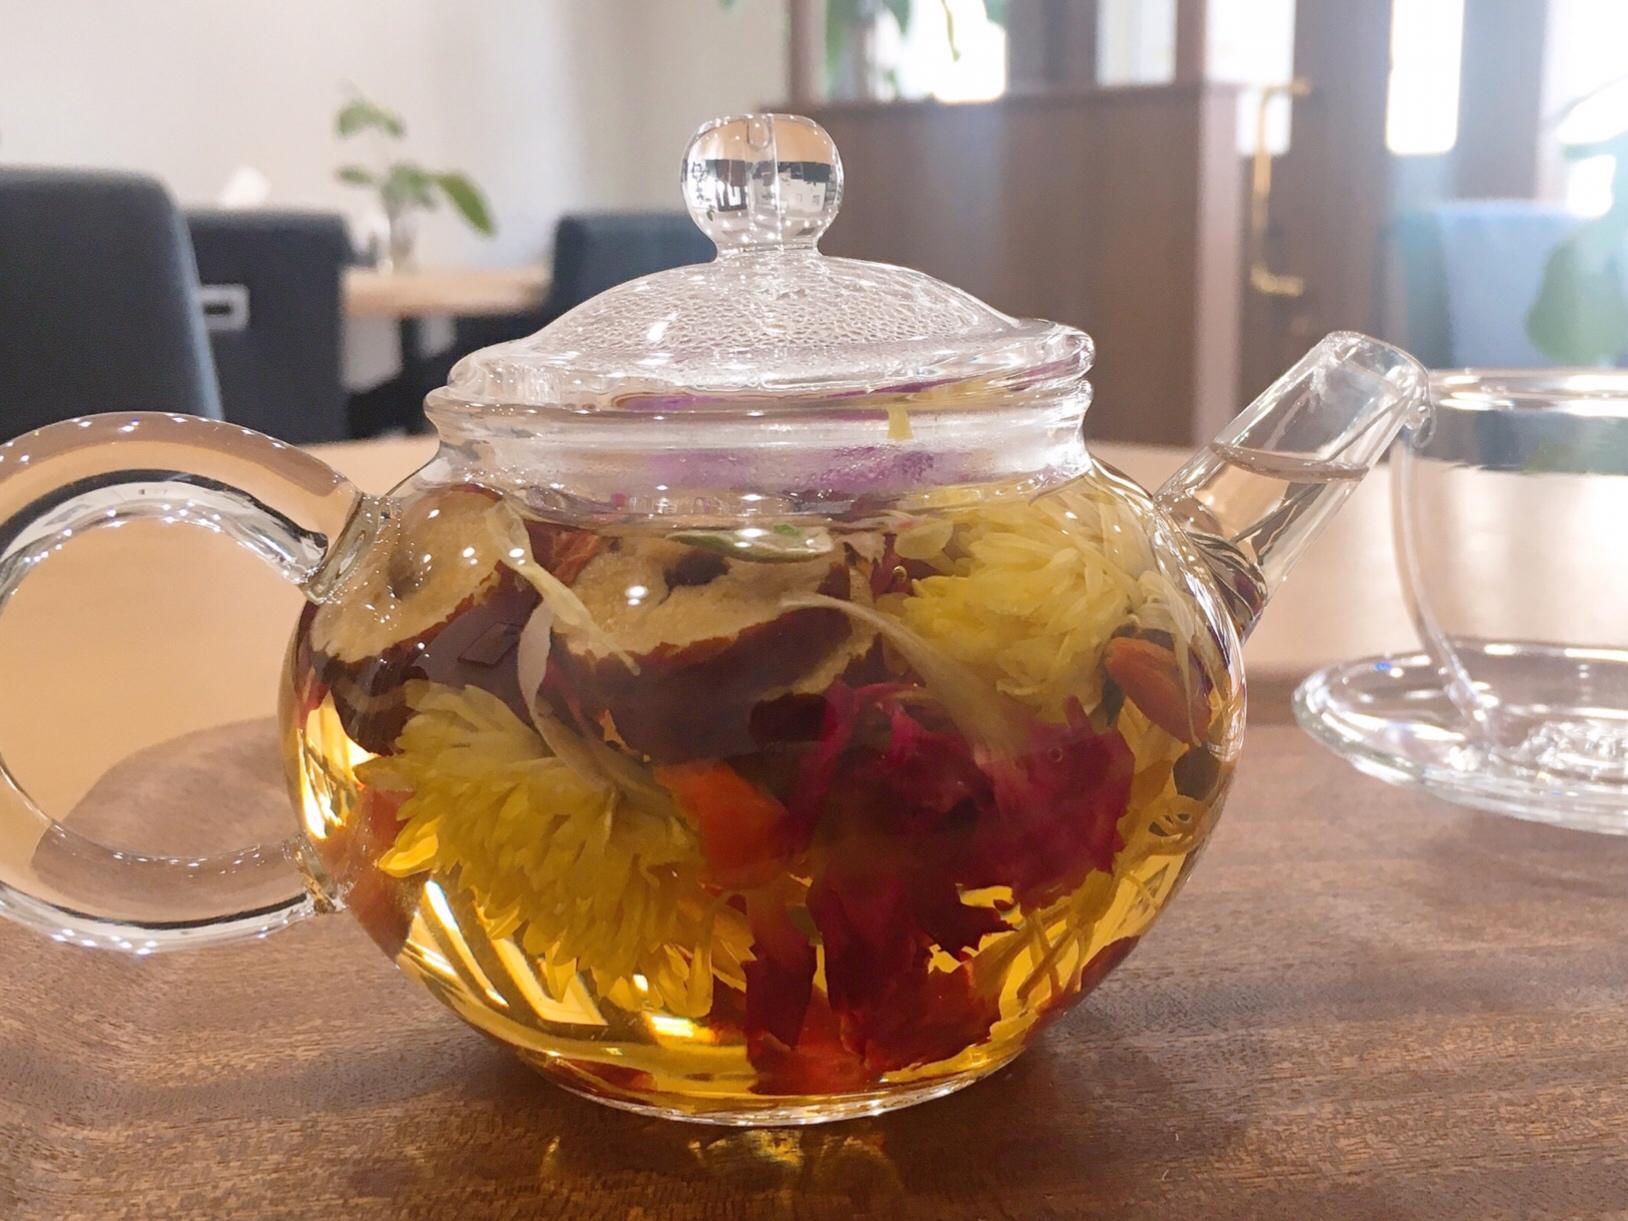 鶴舞|奥深く上質な香りに包まれる。新たなお茶の魅力を発見できる中国茶専門店